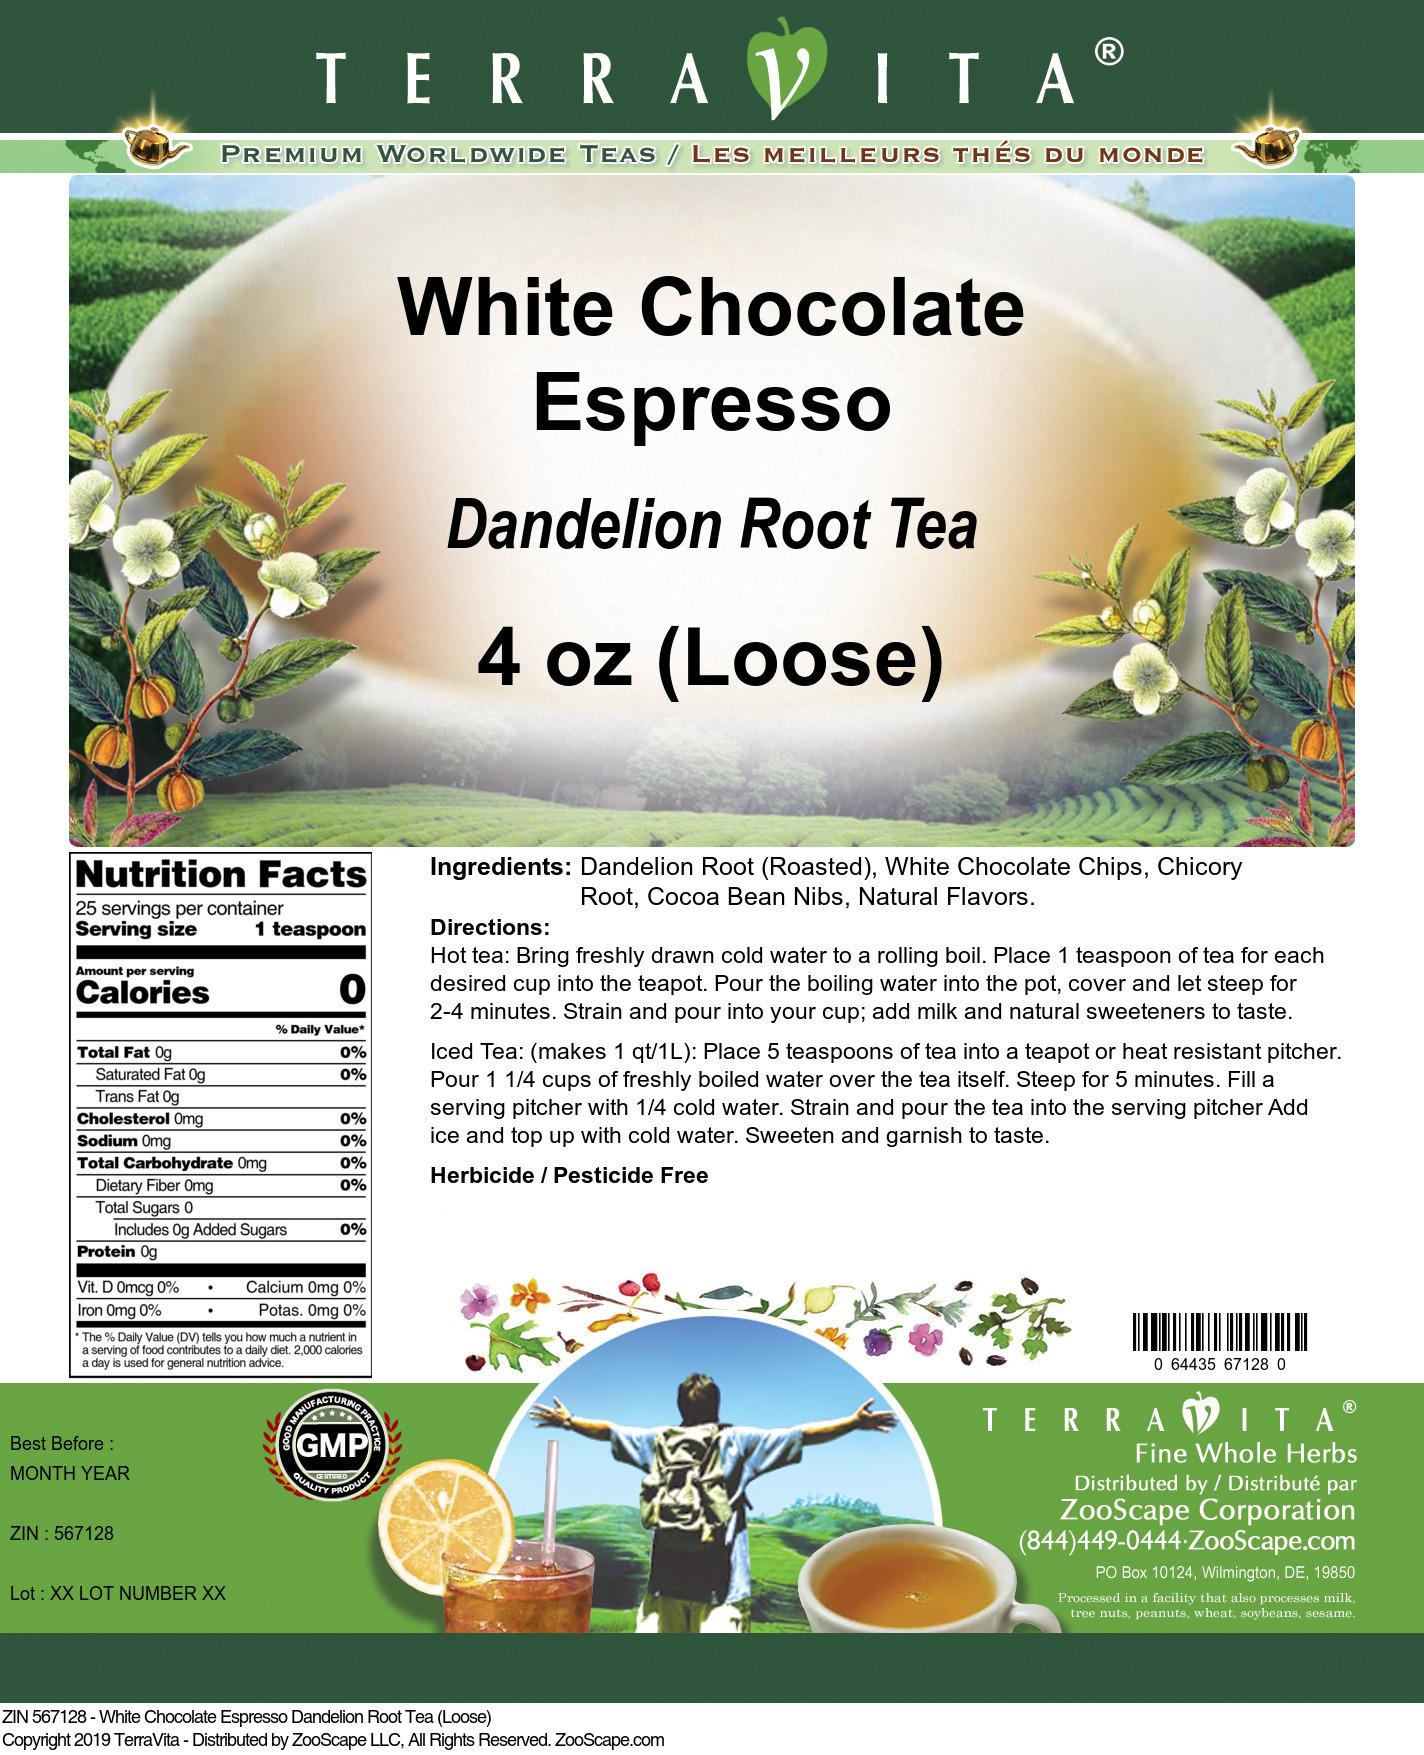 White Chocolate Espresso Dandelion Root